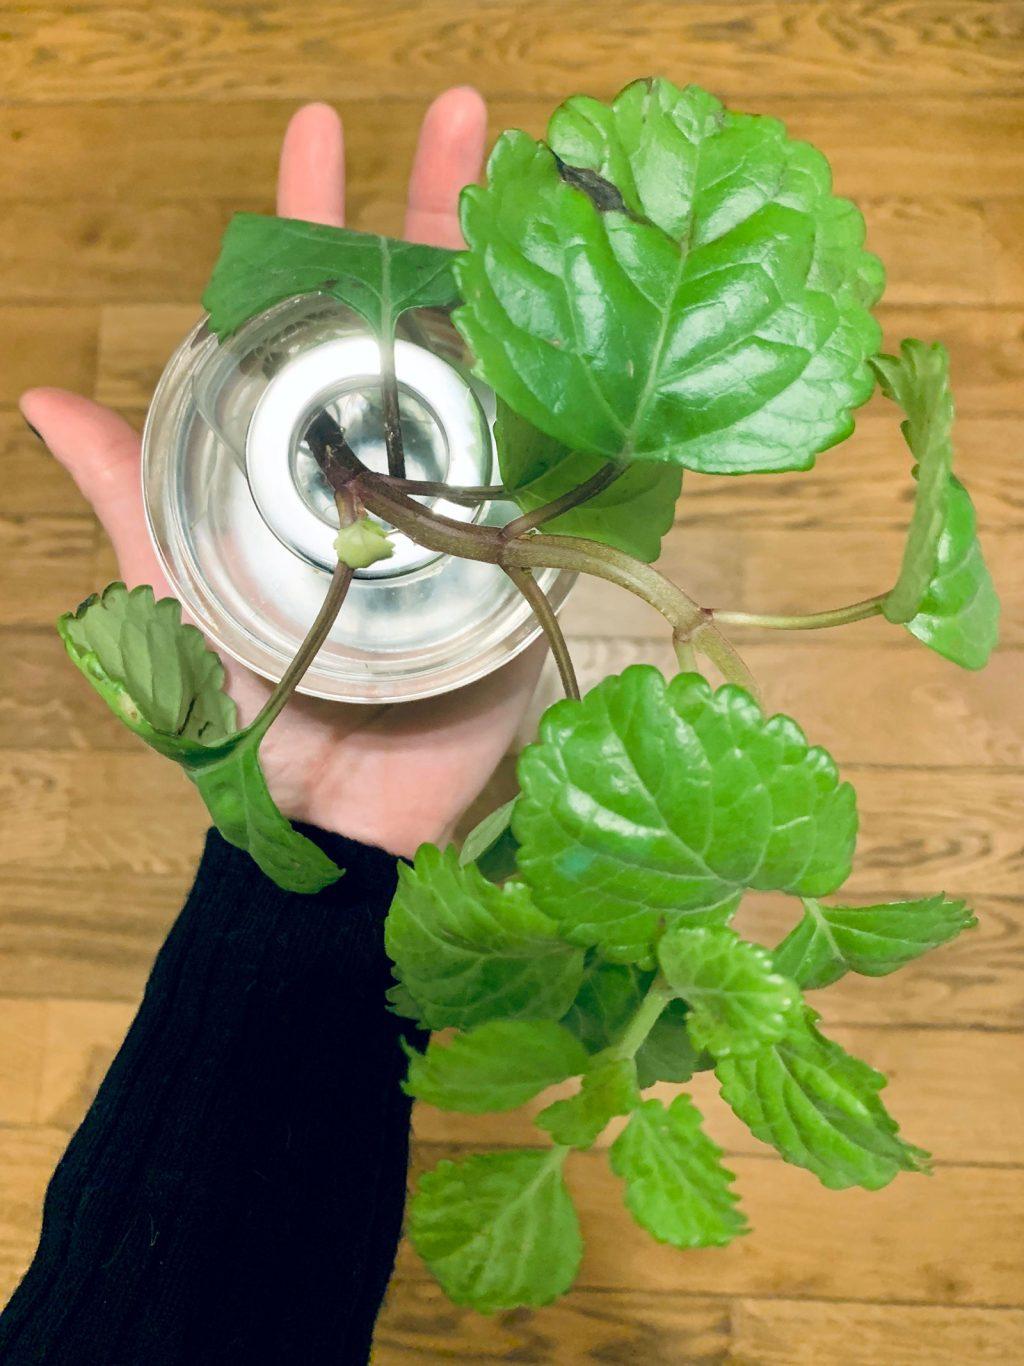 Plectranthus verticillatus en vase - La Revue Vertu